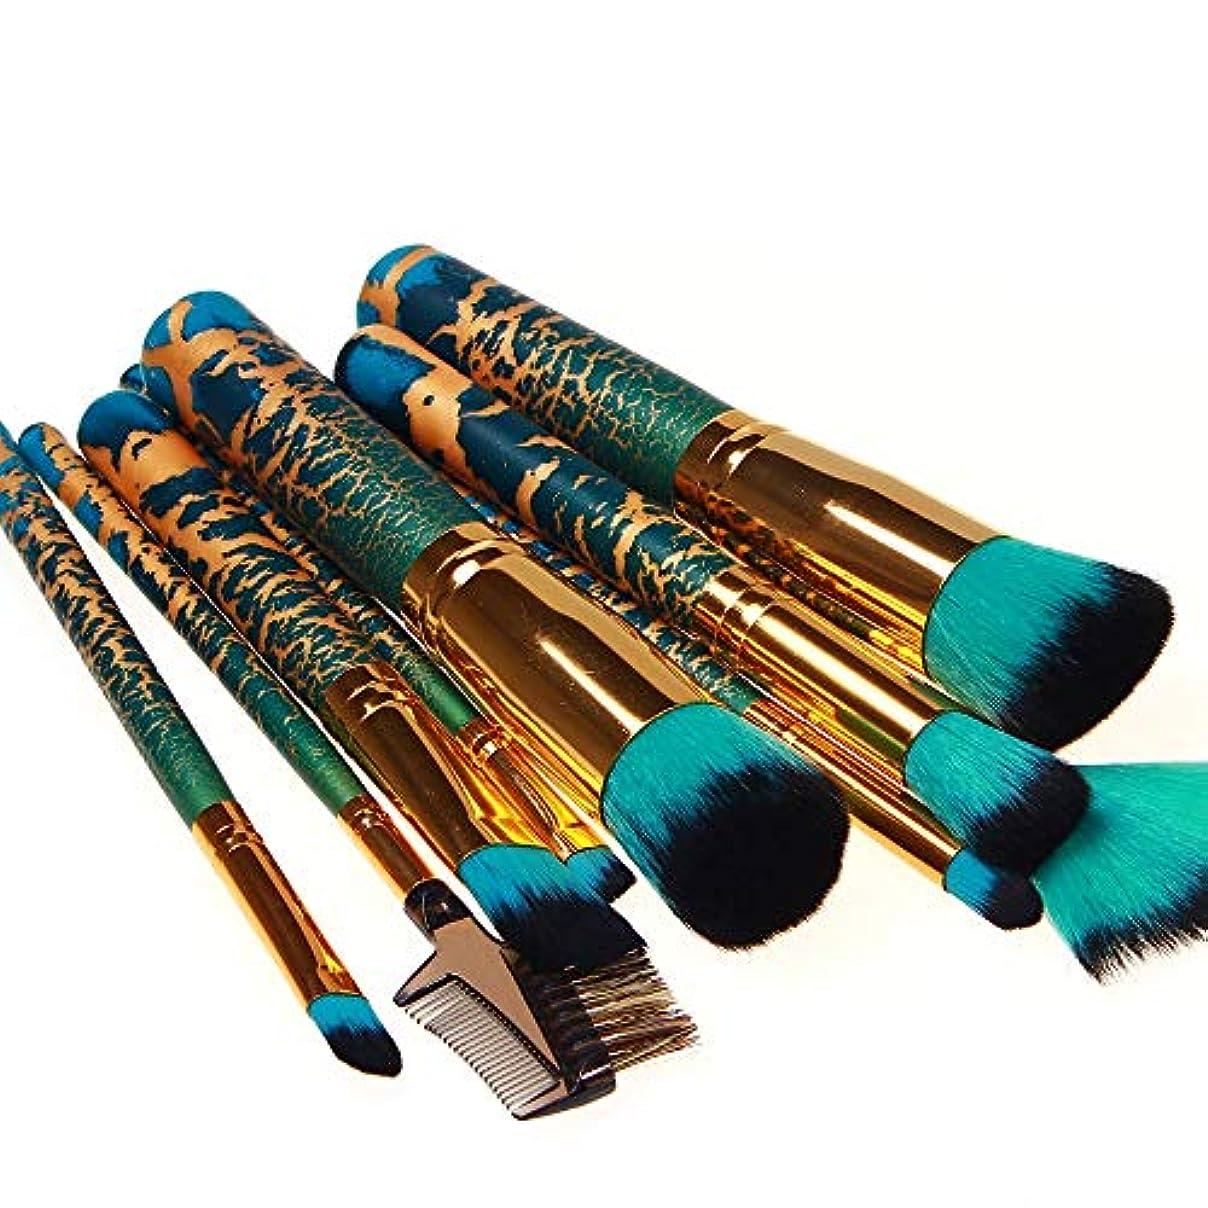 コンサルタント五ジャベスウィルソンMakeup brushes 木の化粧ブラシ10のナイロン毛のスナップ塗装プロセスが付いている化粧ブラシセット suits (Color : Green)